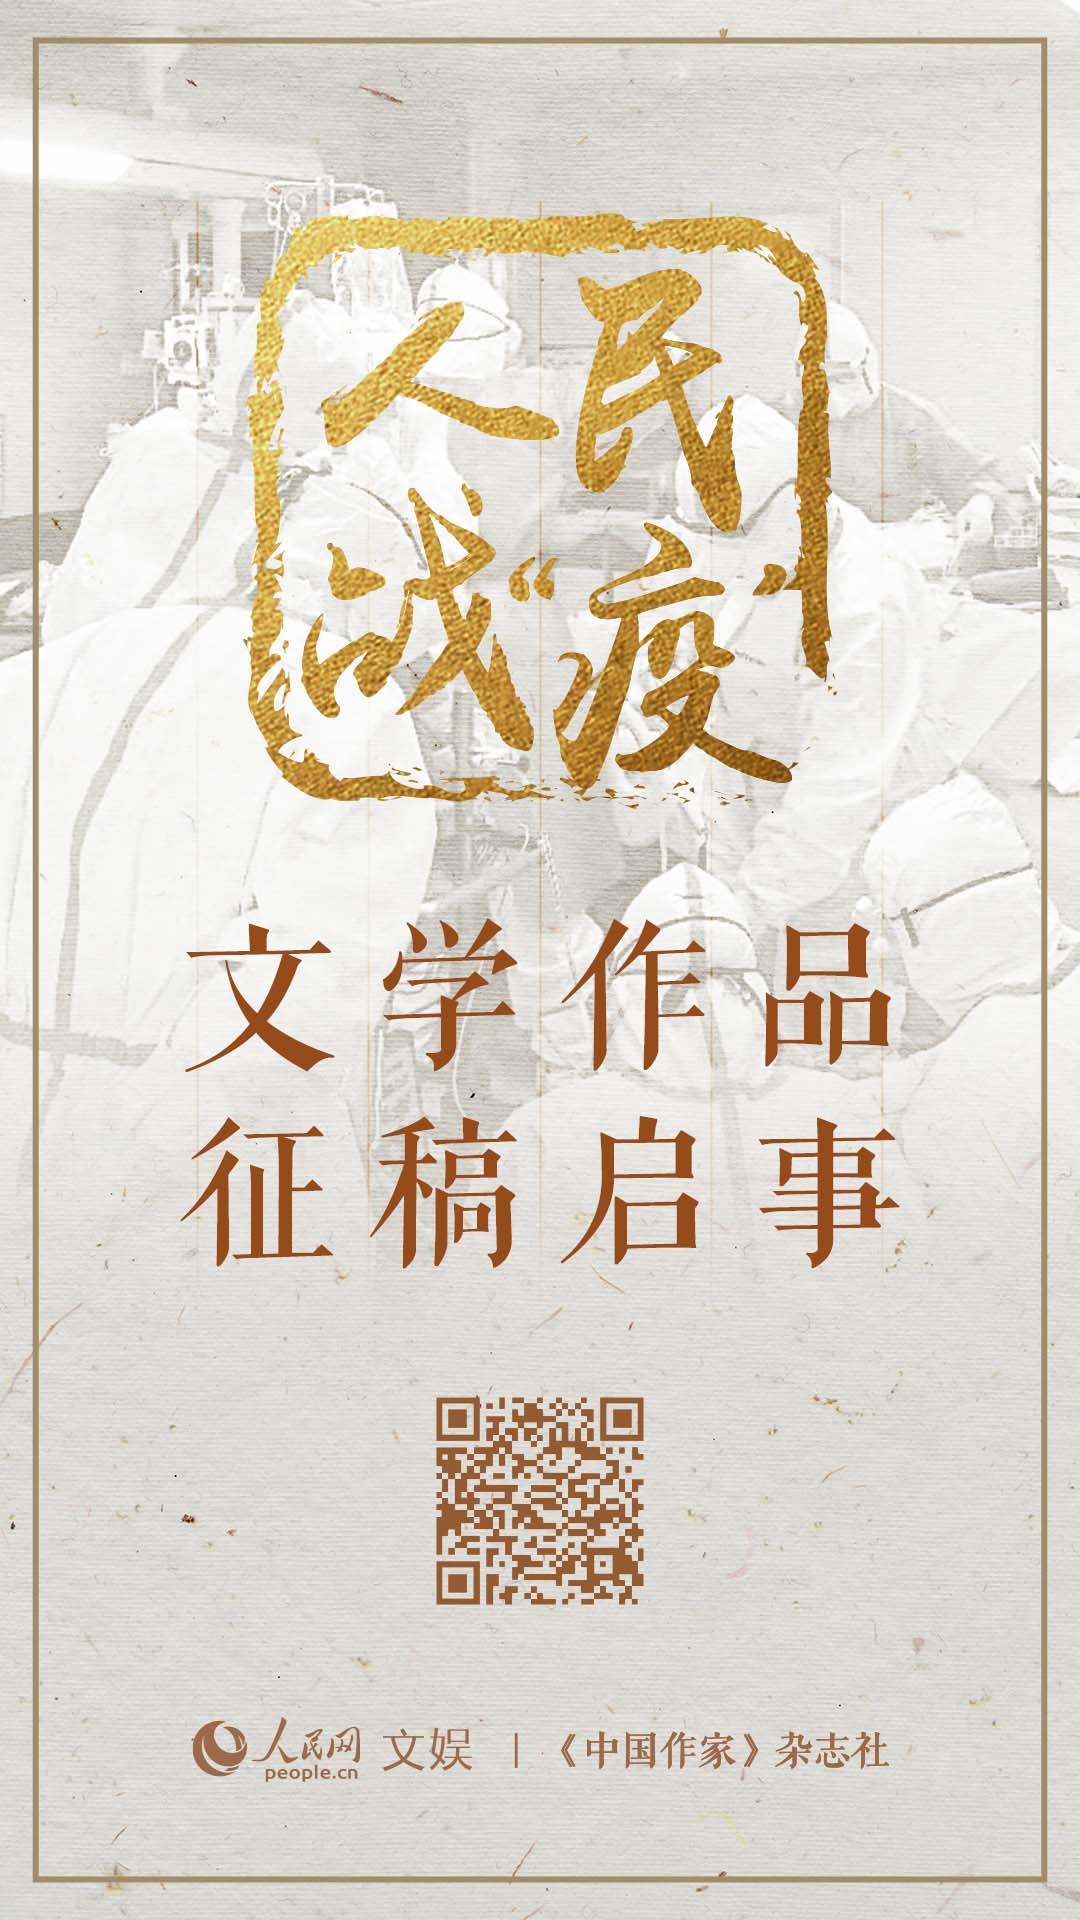 """【""""人民战'疫'""""征文】武汉必胜 中国必赢"""